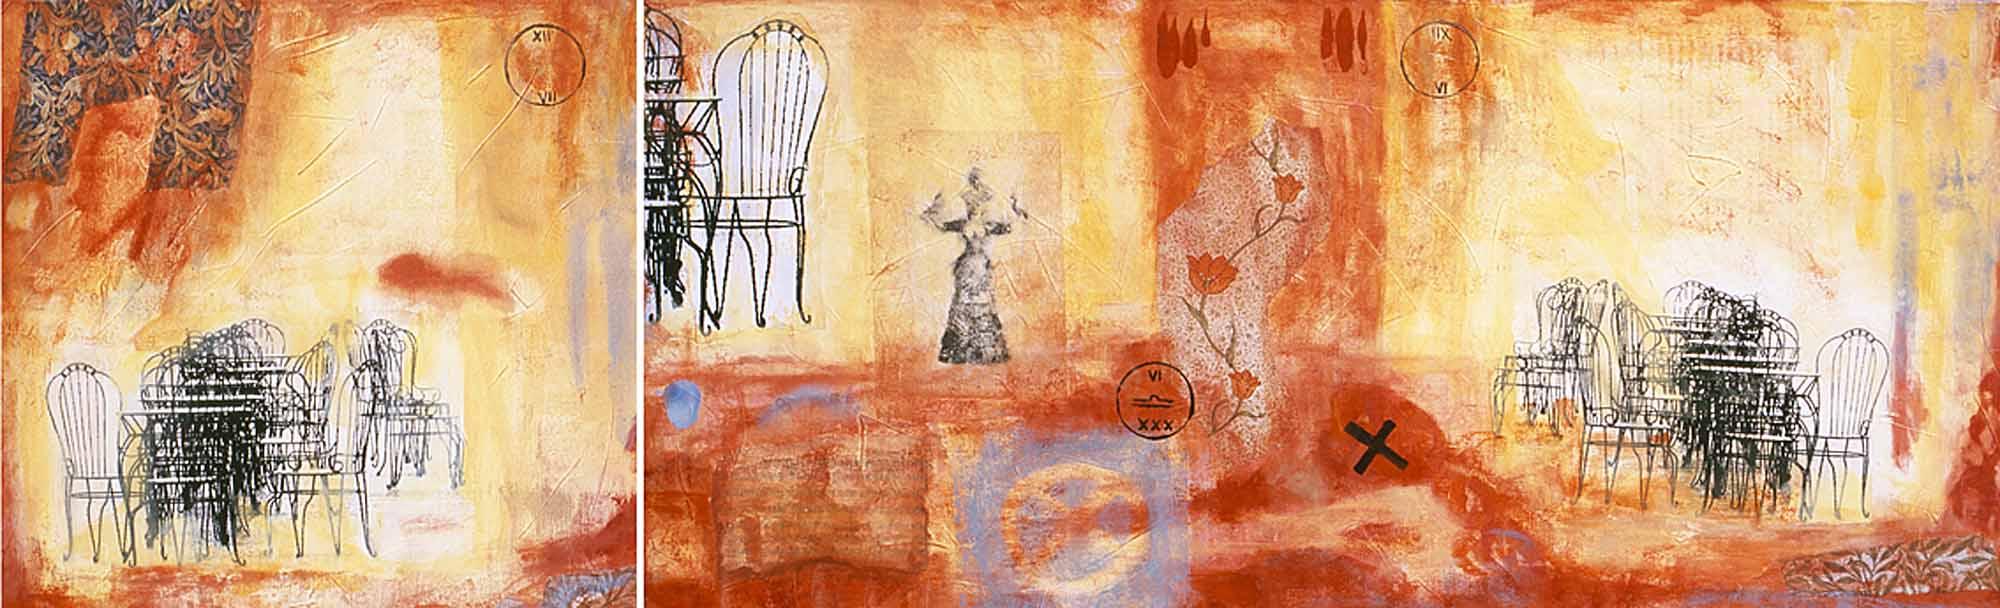 Das Urteil des Paris- la gioia 2004 180x60